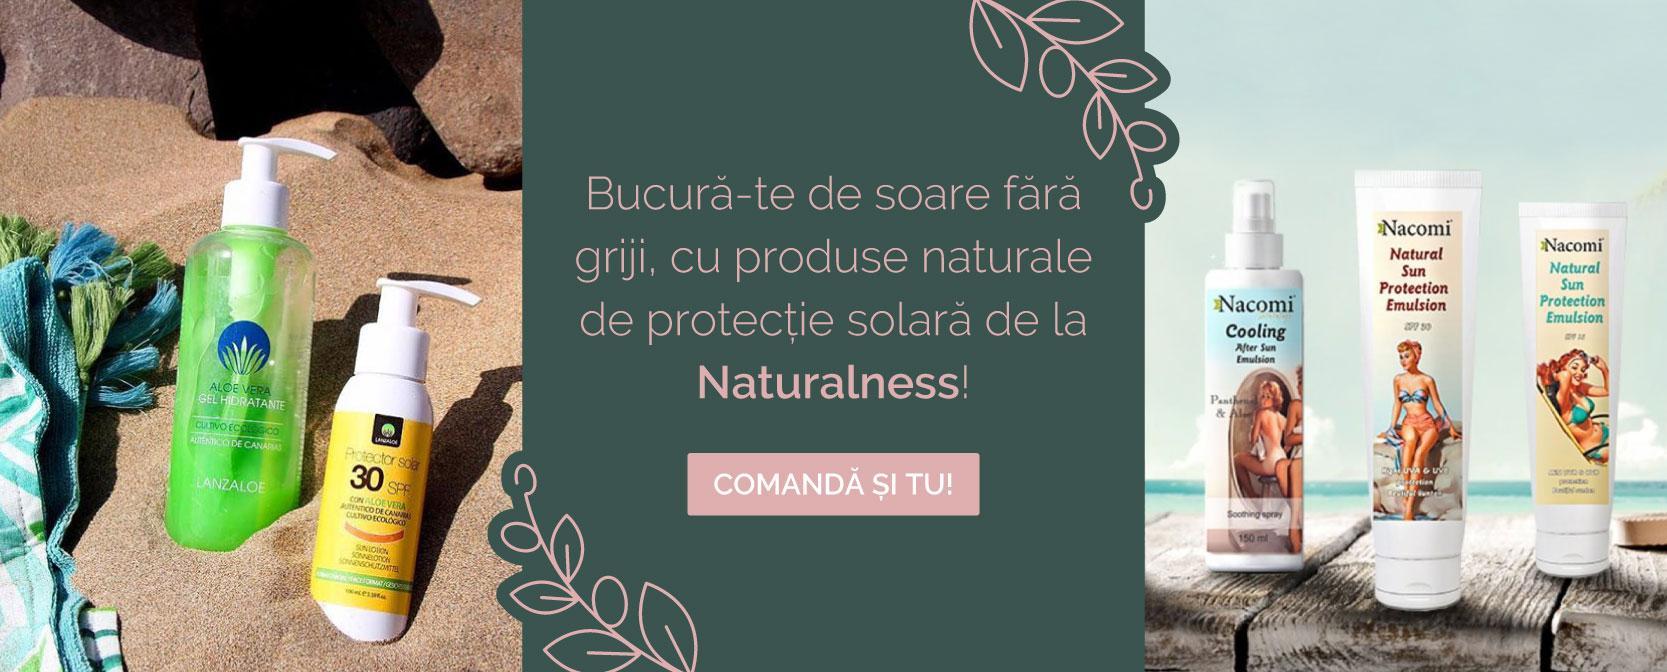 Produse naturale pentru protectie solara